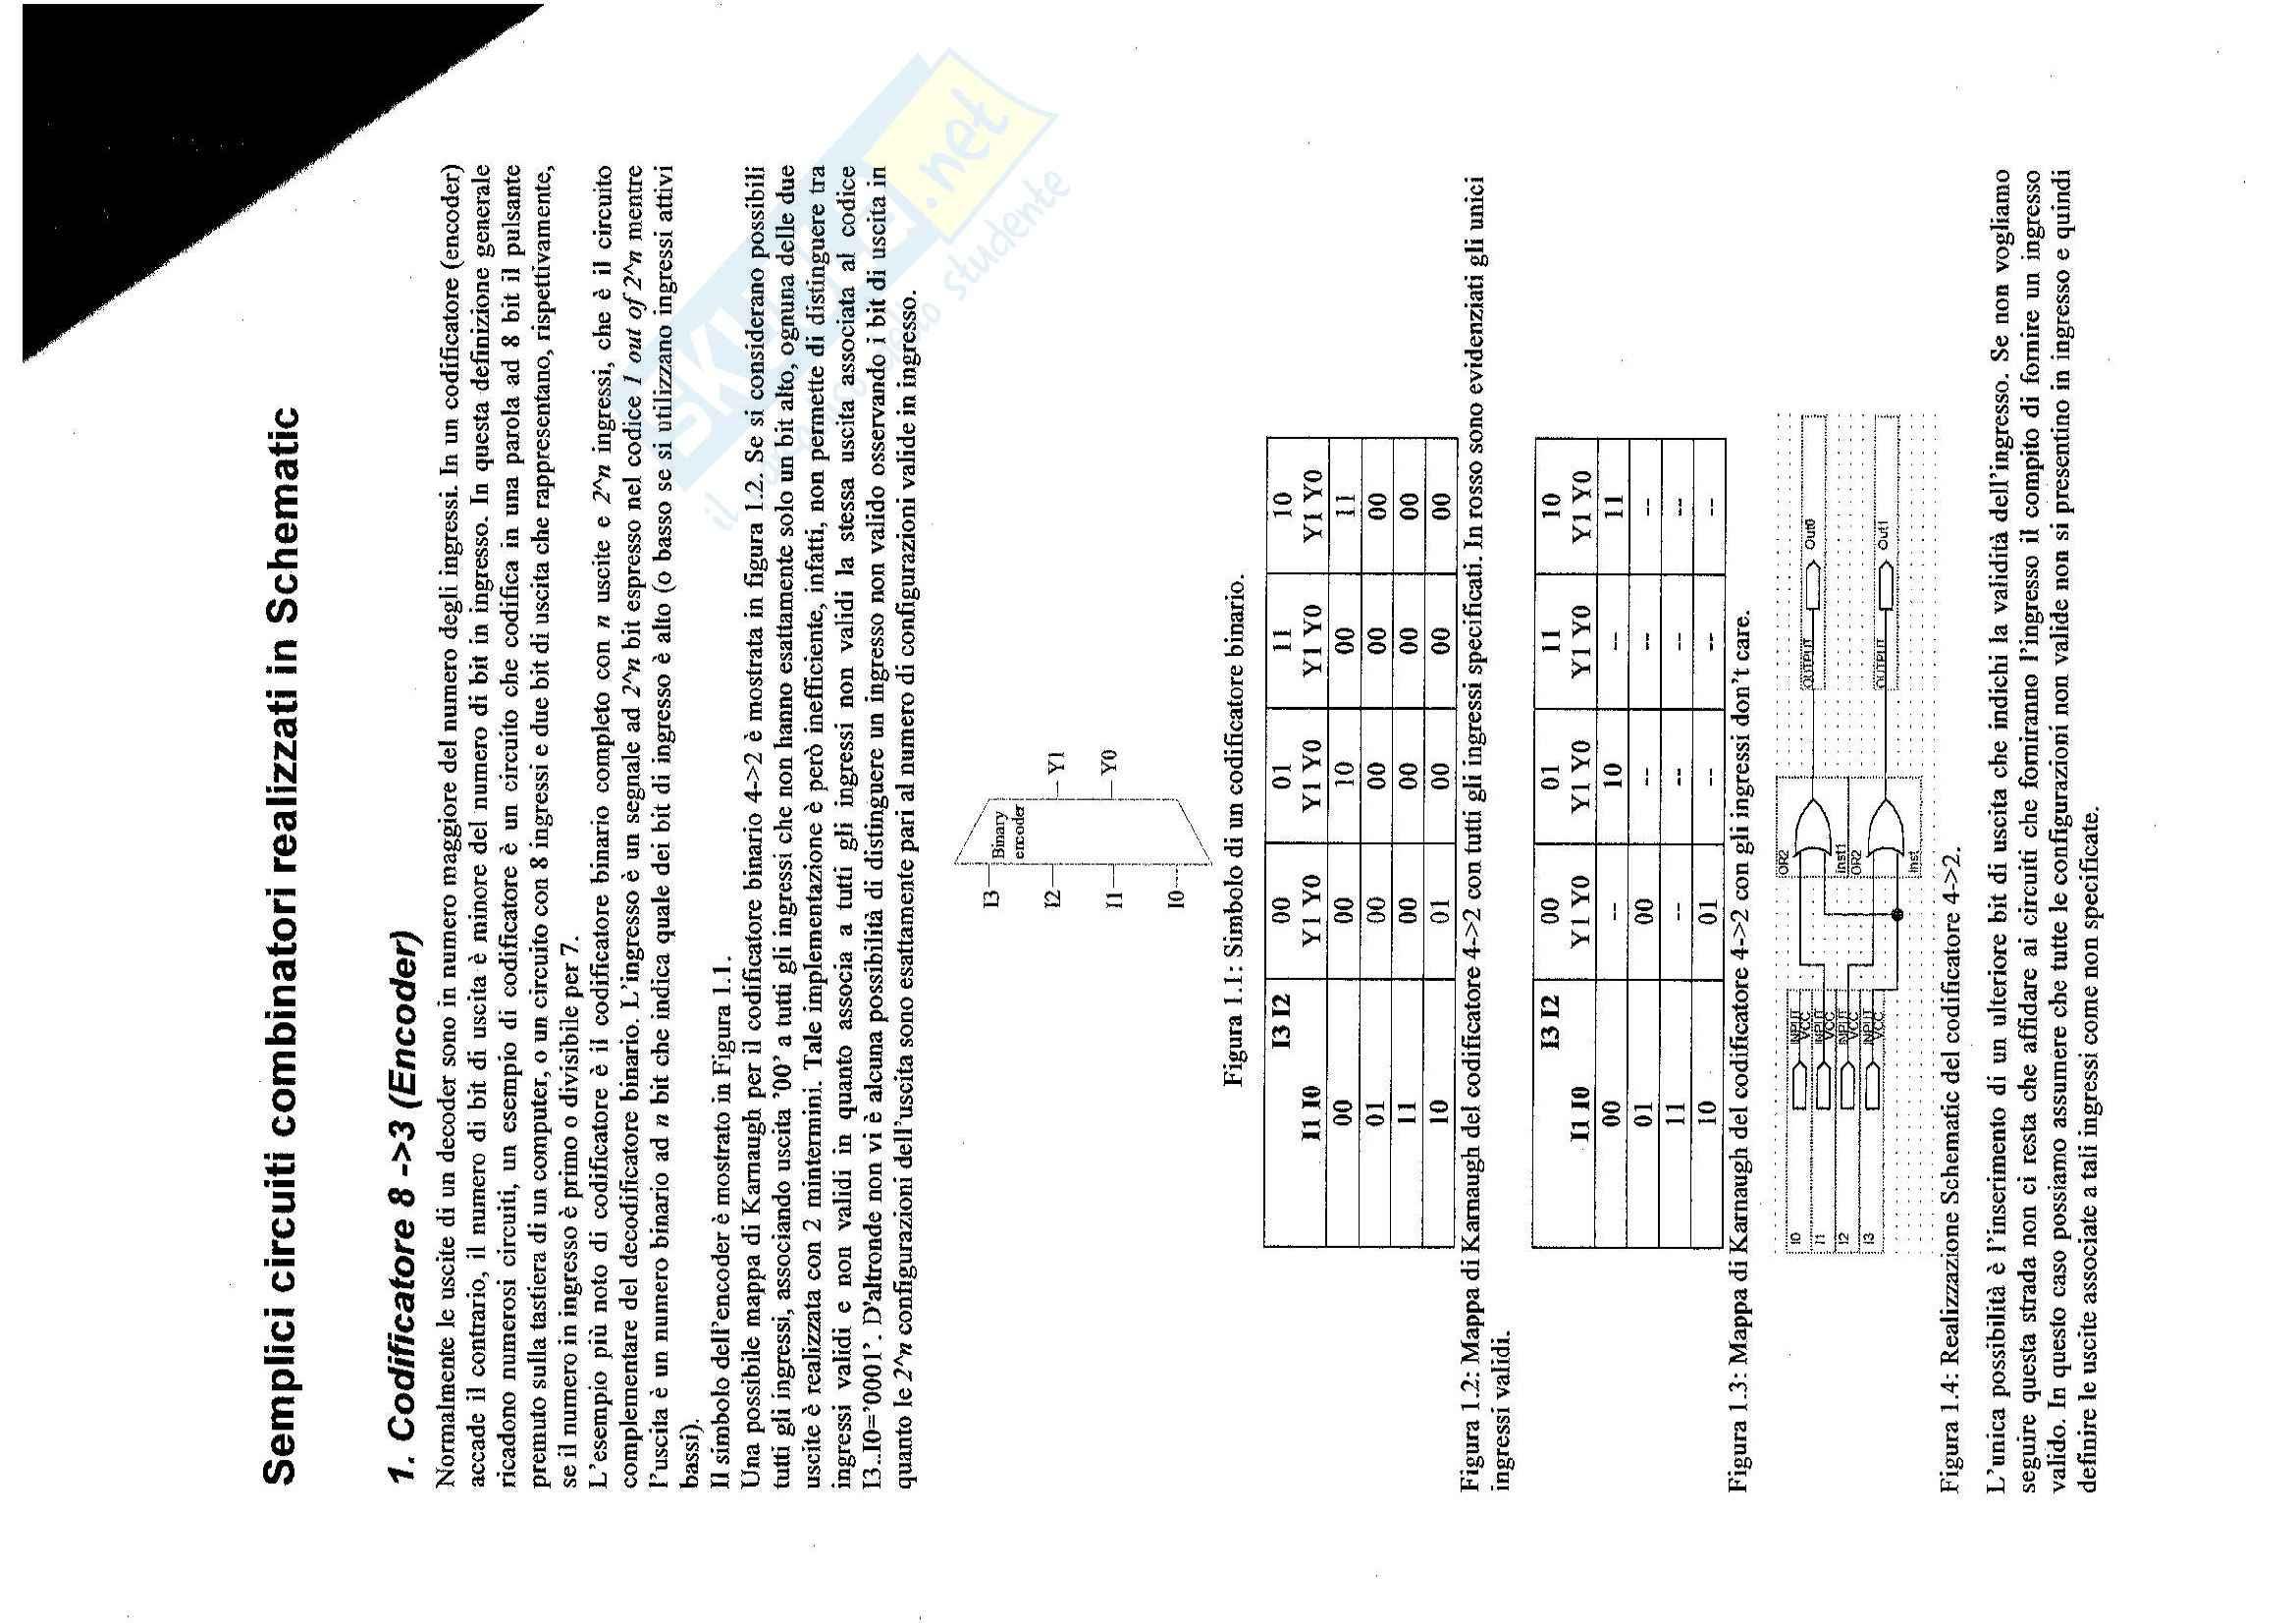 Sistemi elettronici programmabili - L'ambiente di sviluppo altera quartusII 9.1 SP1 per il progetto di SEP Pag. 11